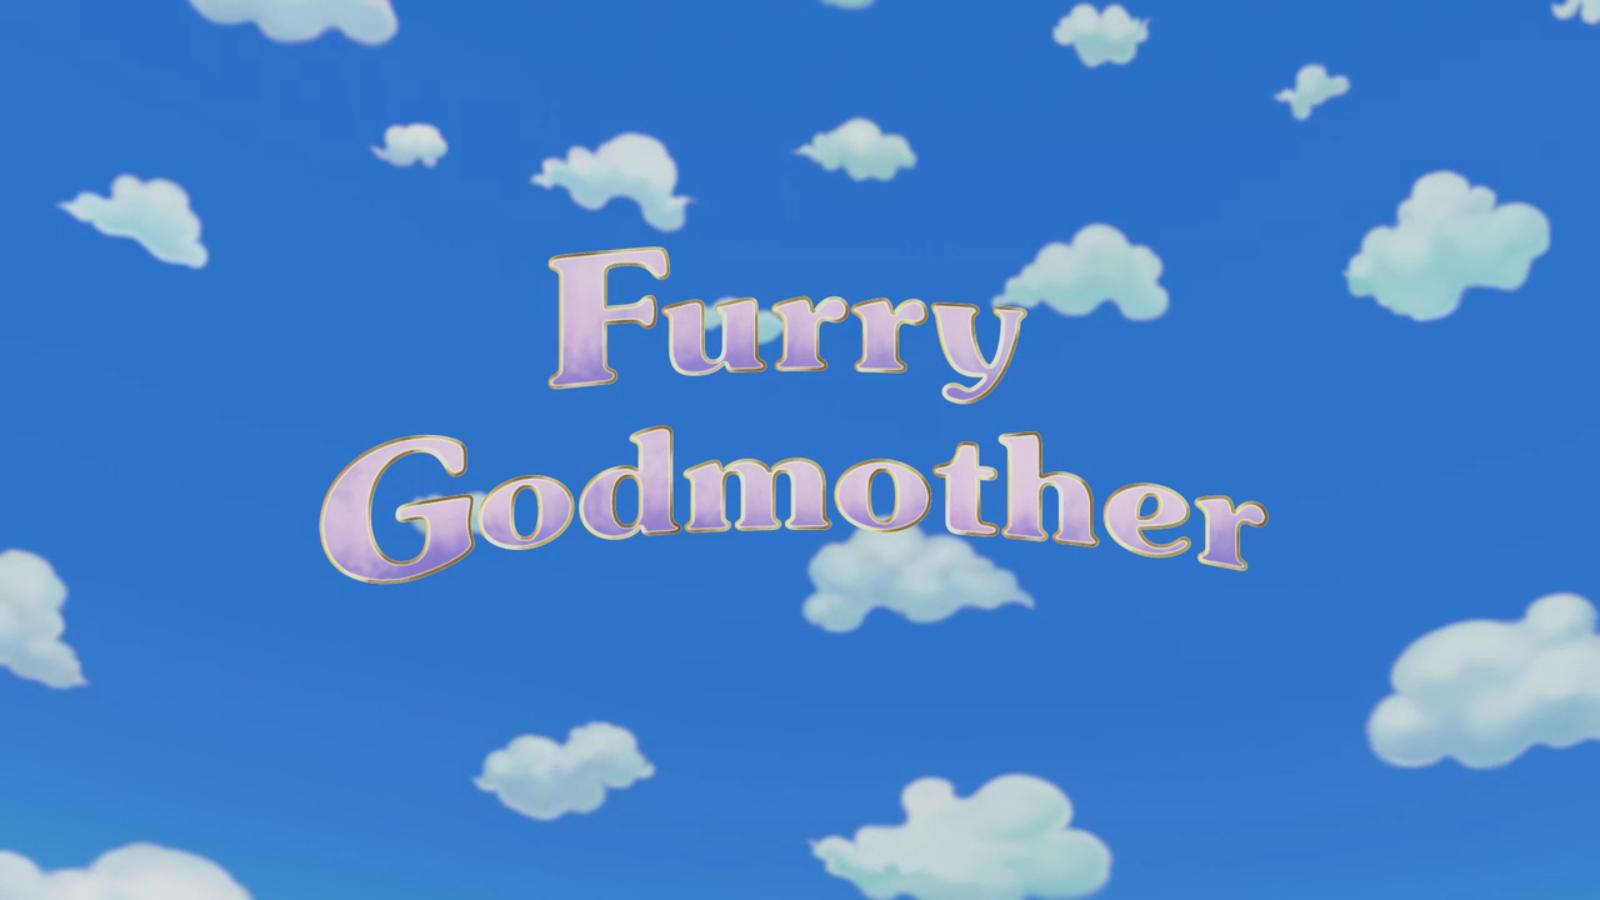 Furry Godmother